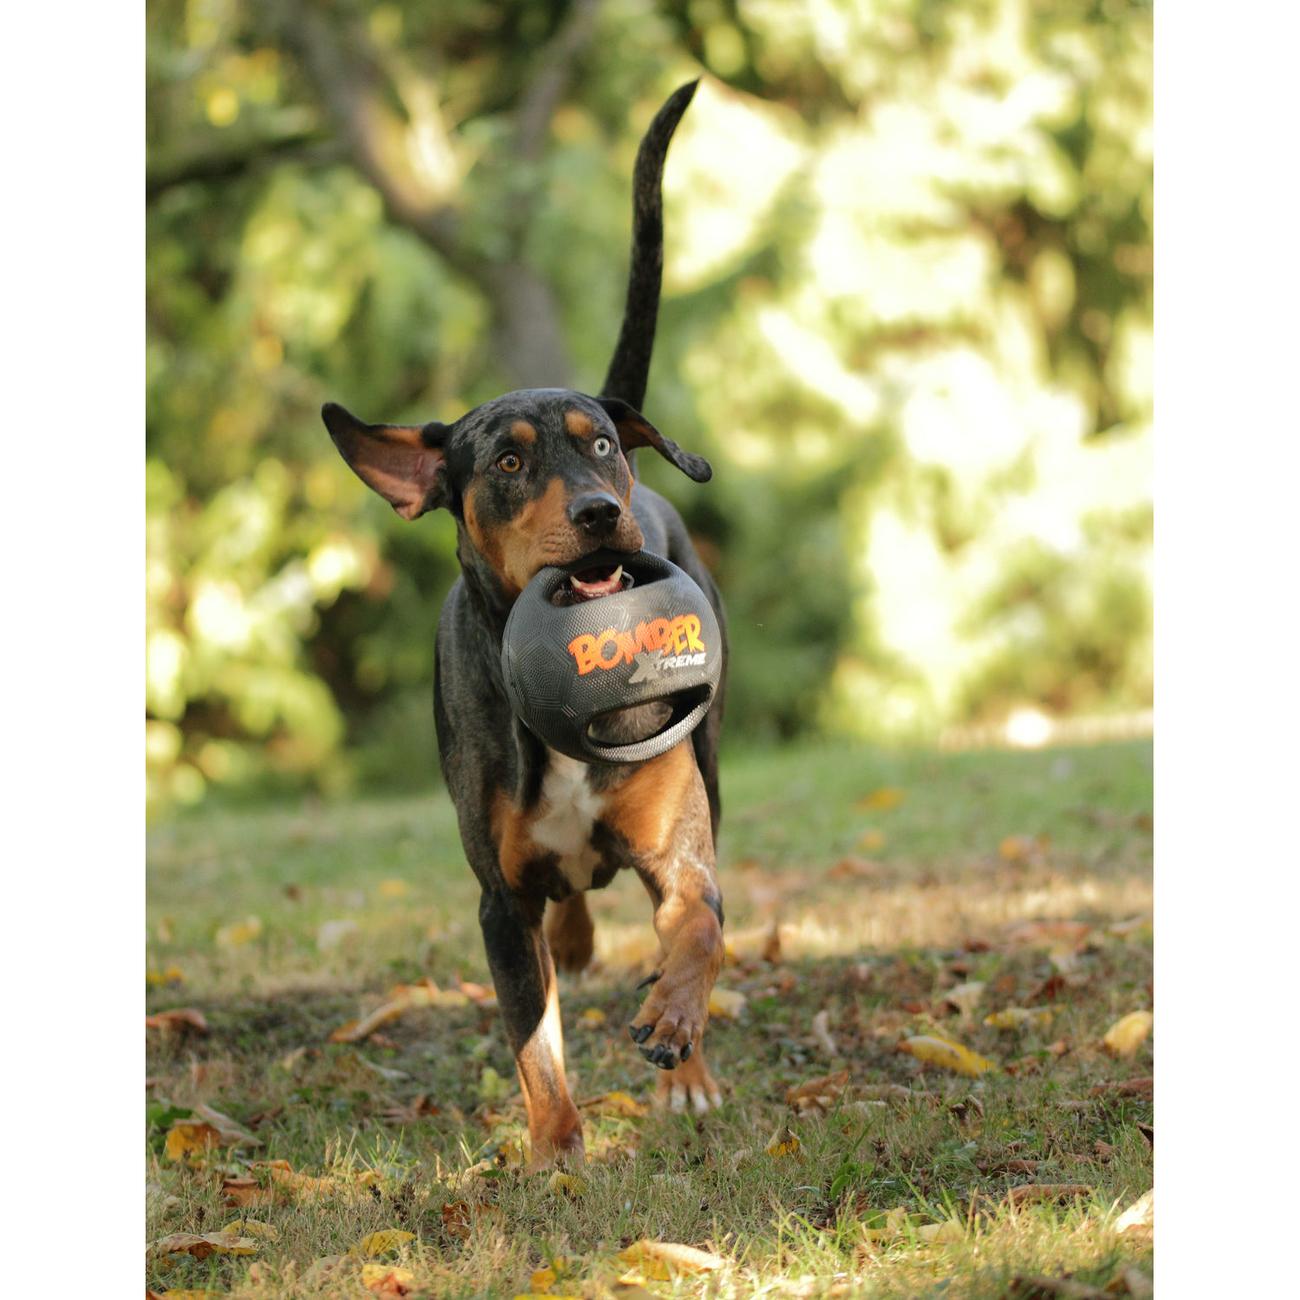 Bomber Xtreme Hundespielzeug, Bild 5